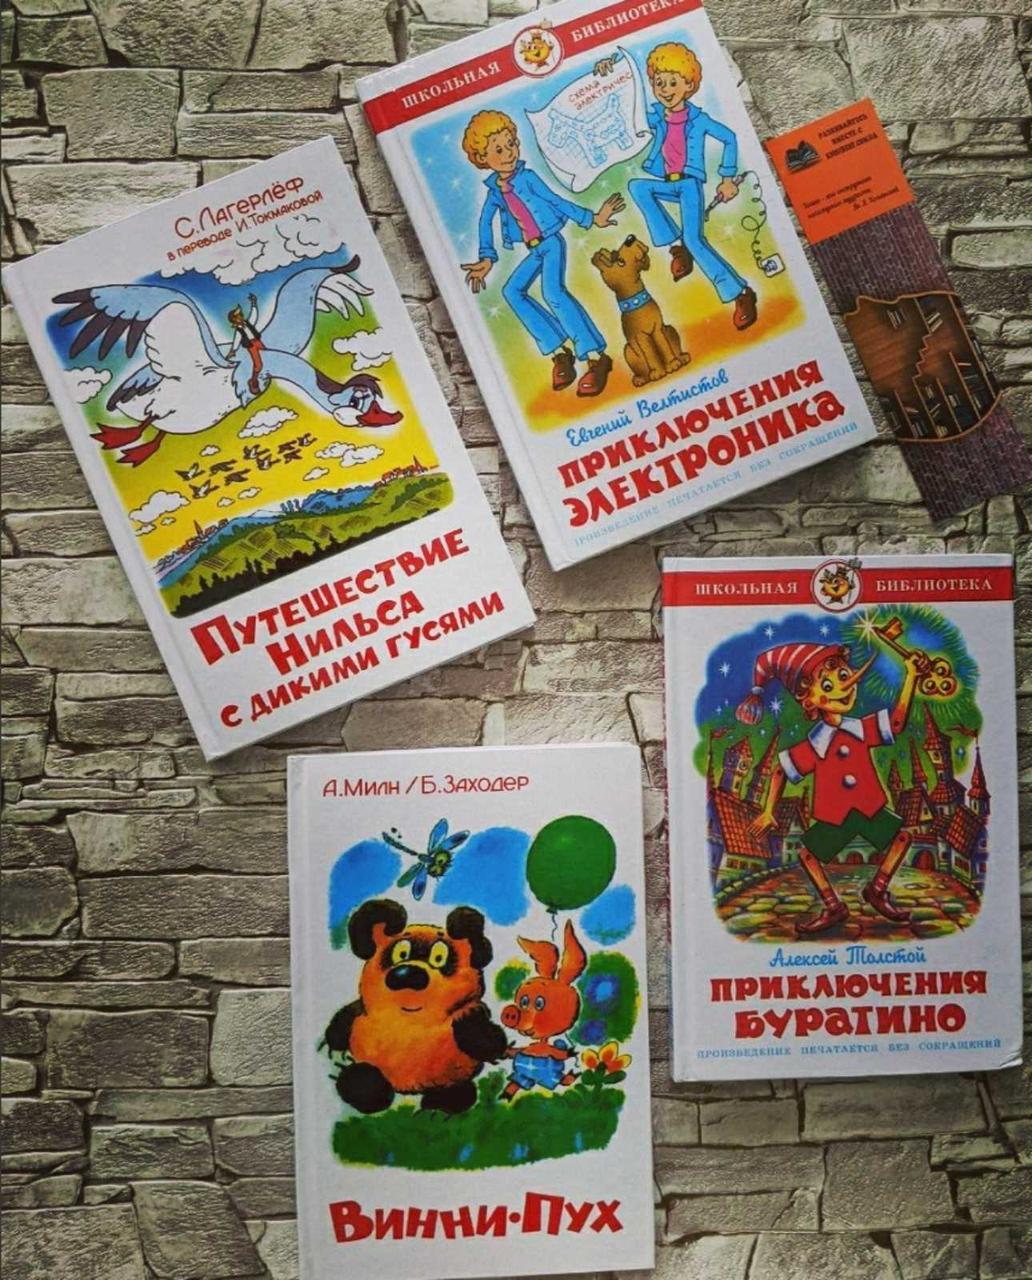 """Набор книг """"Путешествие Нильса с дикими гусями"""", """"Винни-Пух"""", """"Приключения Буратино"""",""""Приключения Электроника"""""""